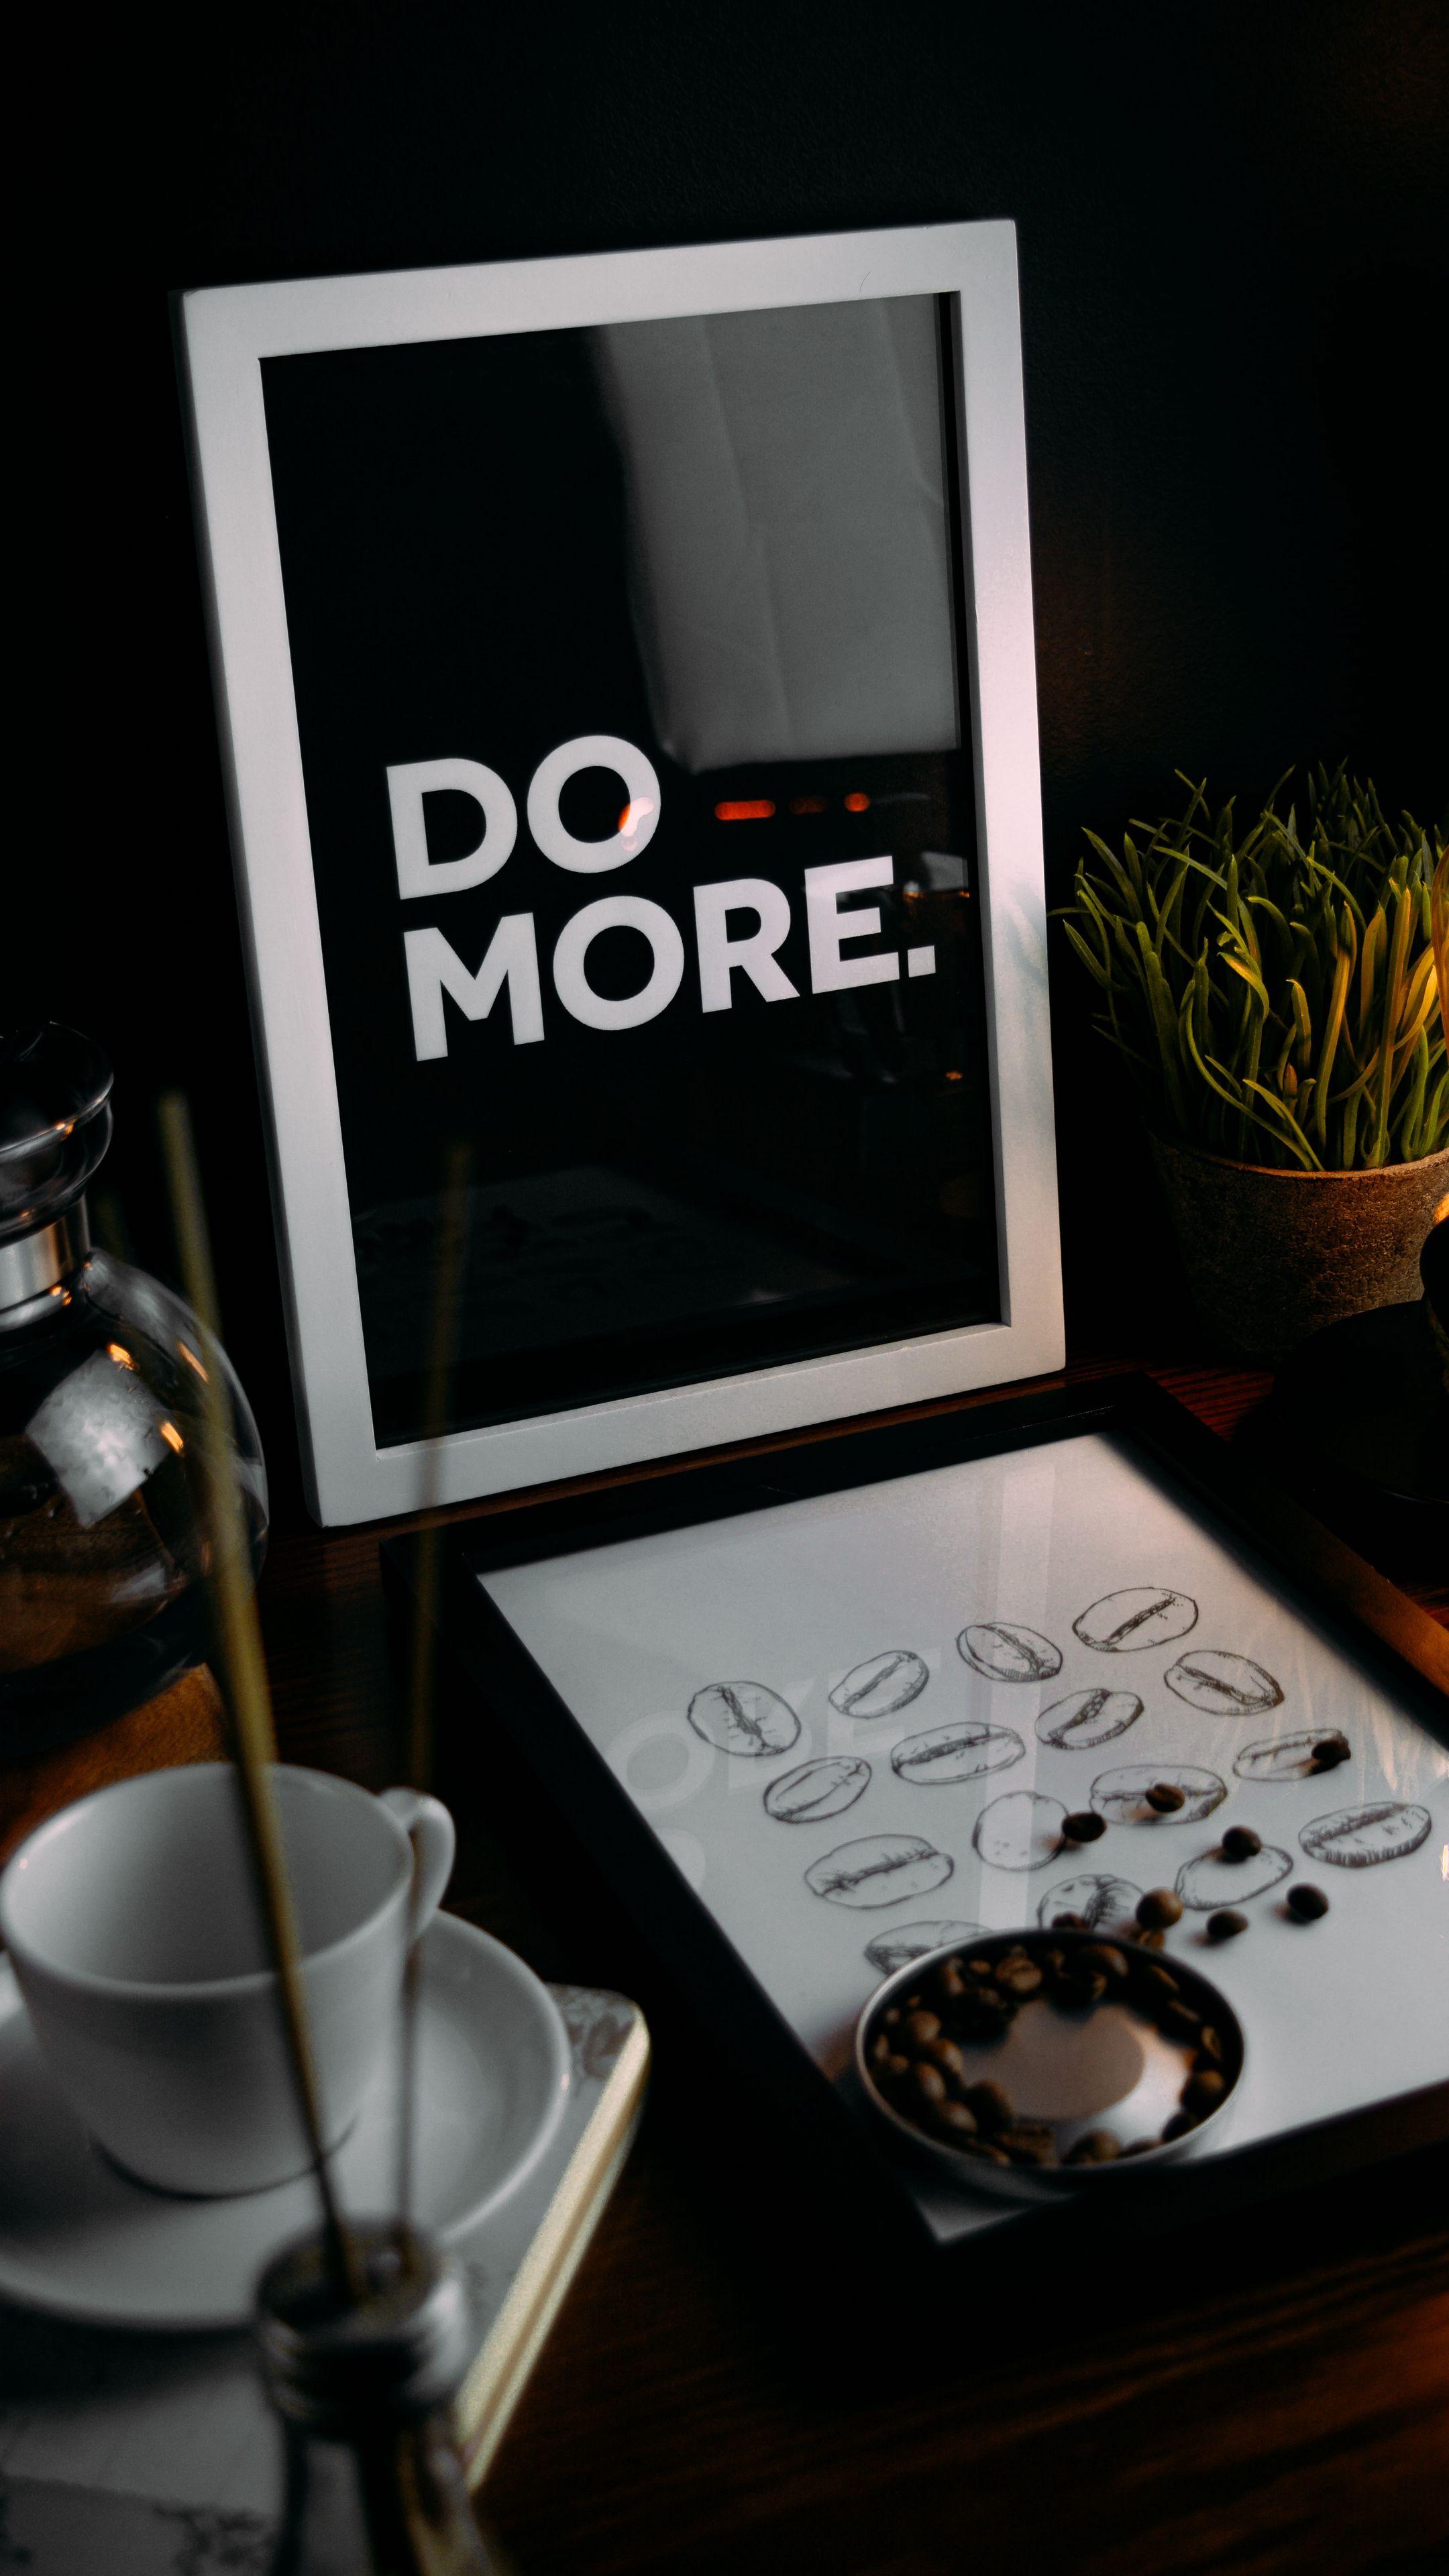 2160x3840 Обои мотивация, фраза, слова, текст, рамка, кофейные зерна